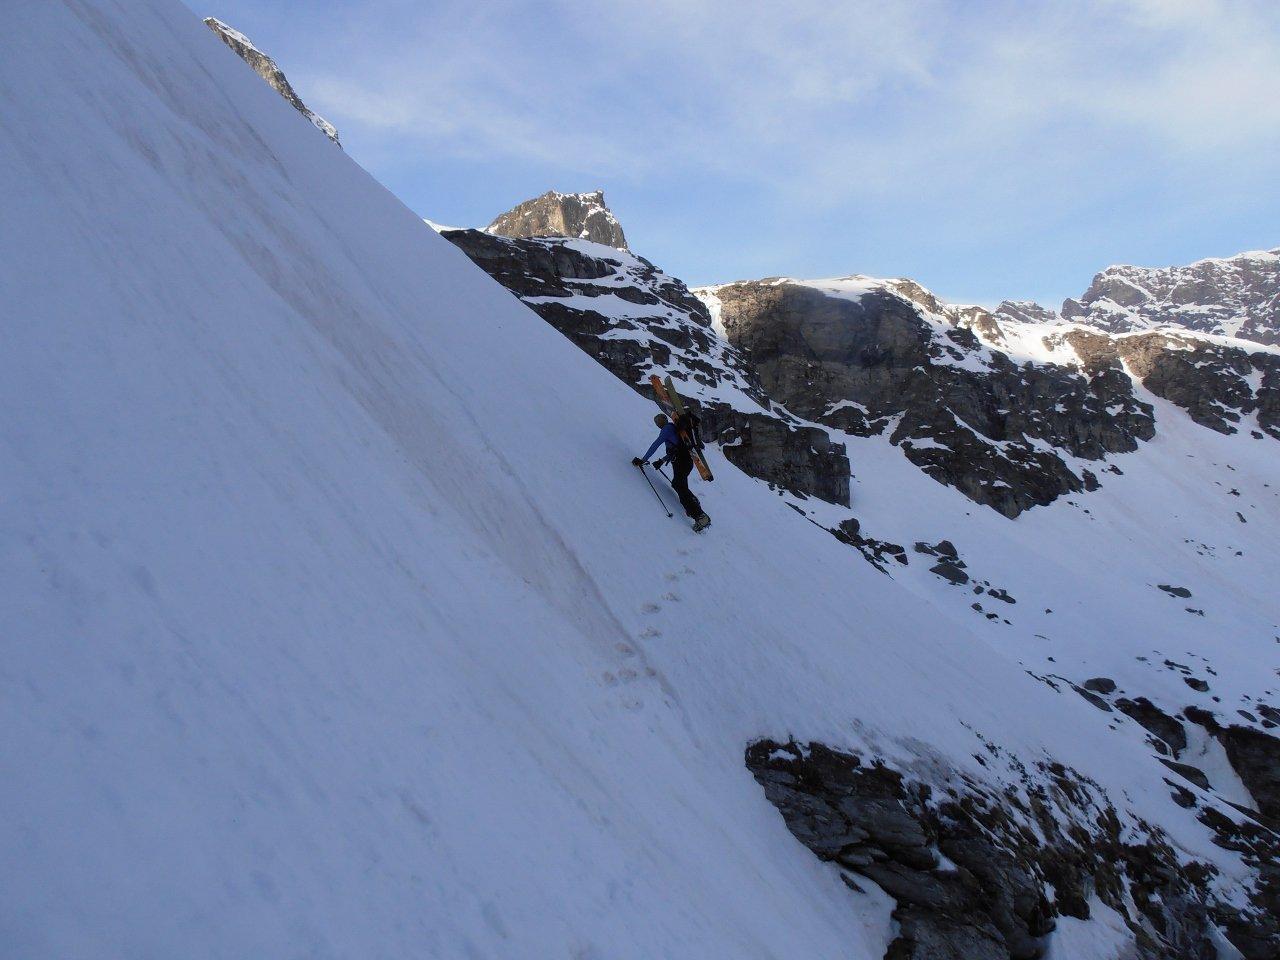 01 - Enrico su un passaggio alpinistico esposto nella parte bassa